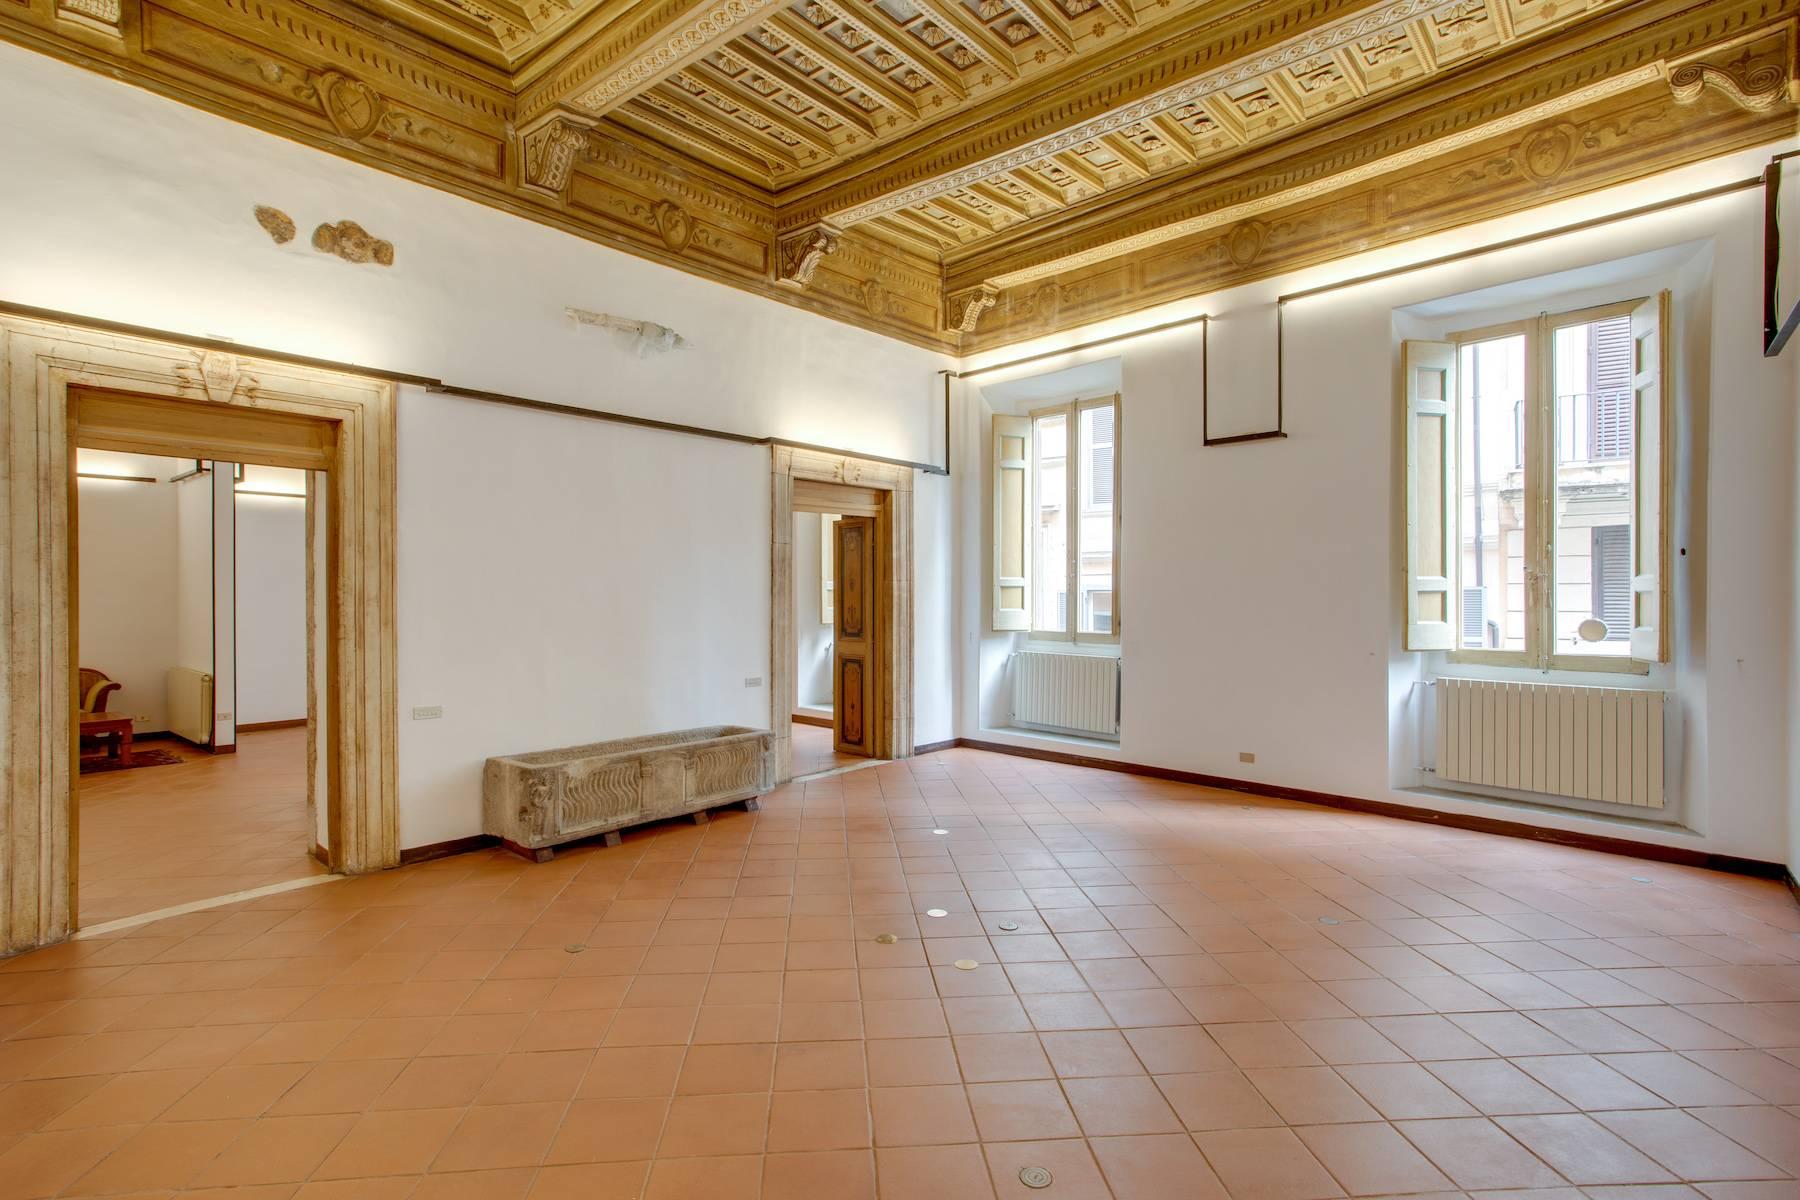 Ufficio-studio in Affitto a Roma: 5 locali, 276 mq - Foto 3